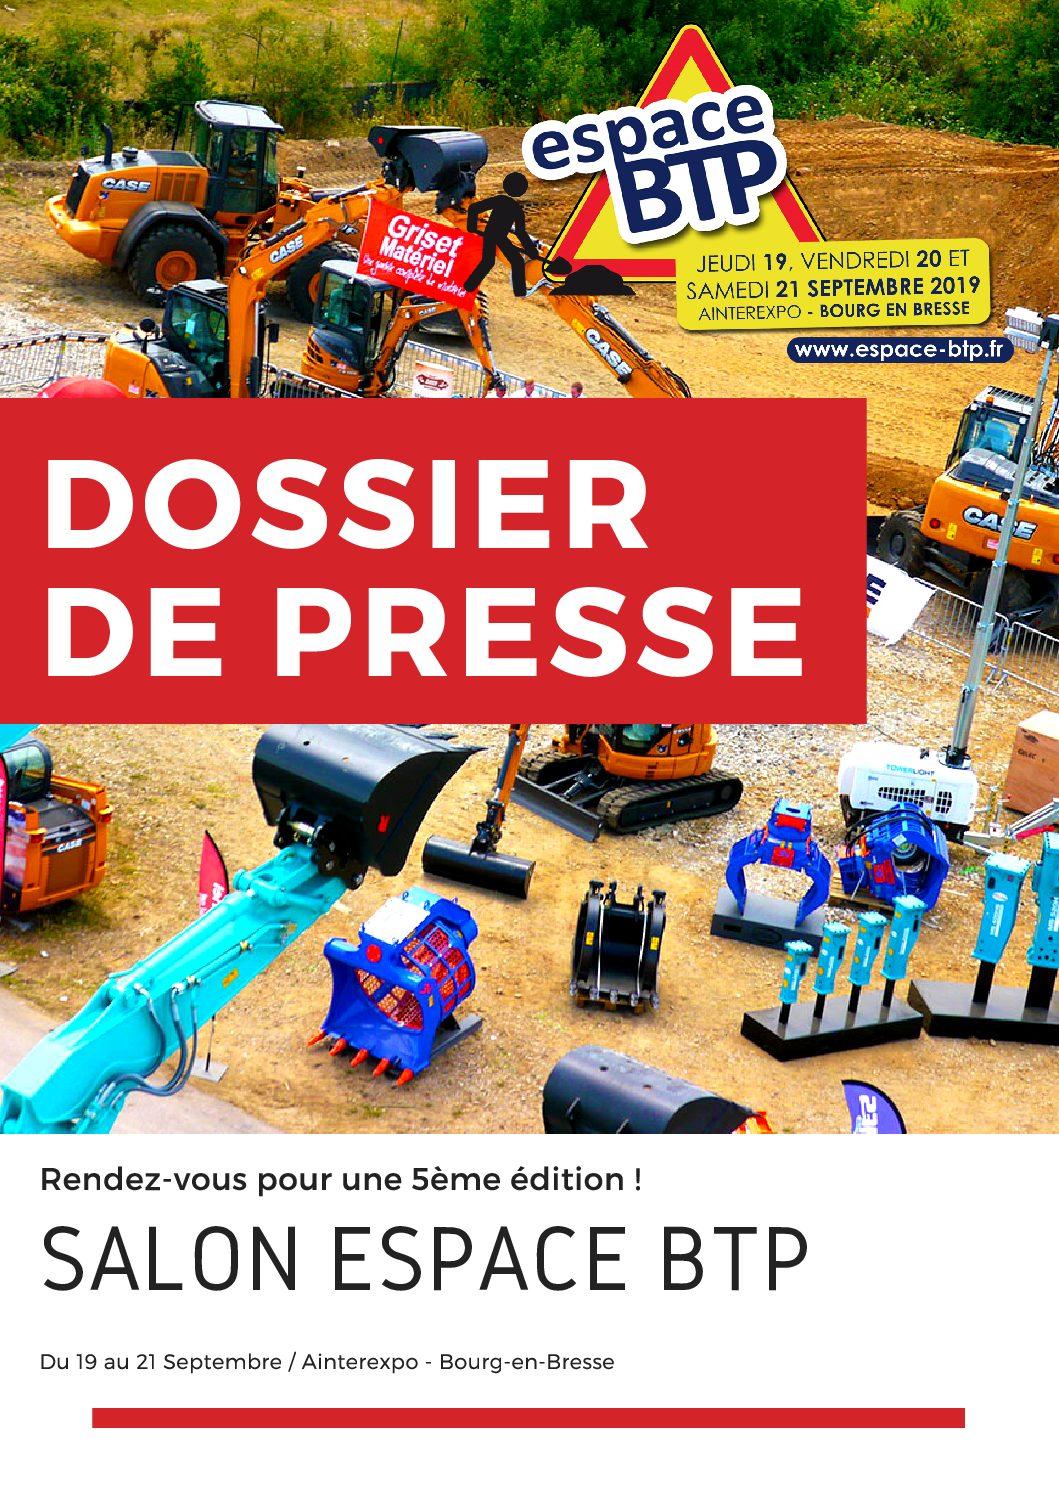 DOSSIER DE PRESSE ESPACE BTP